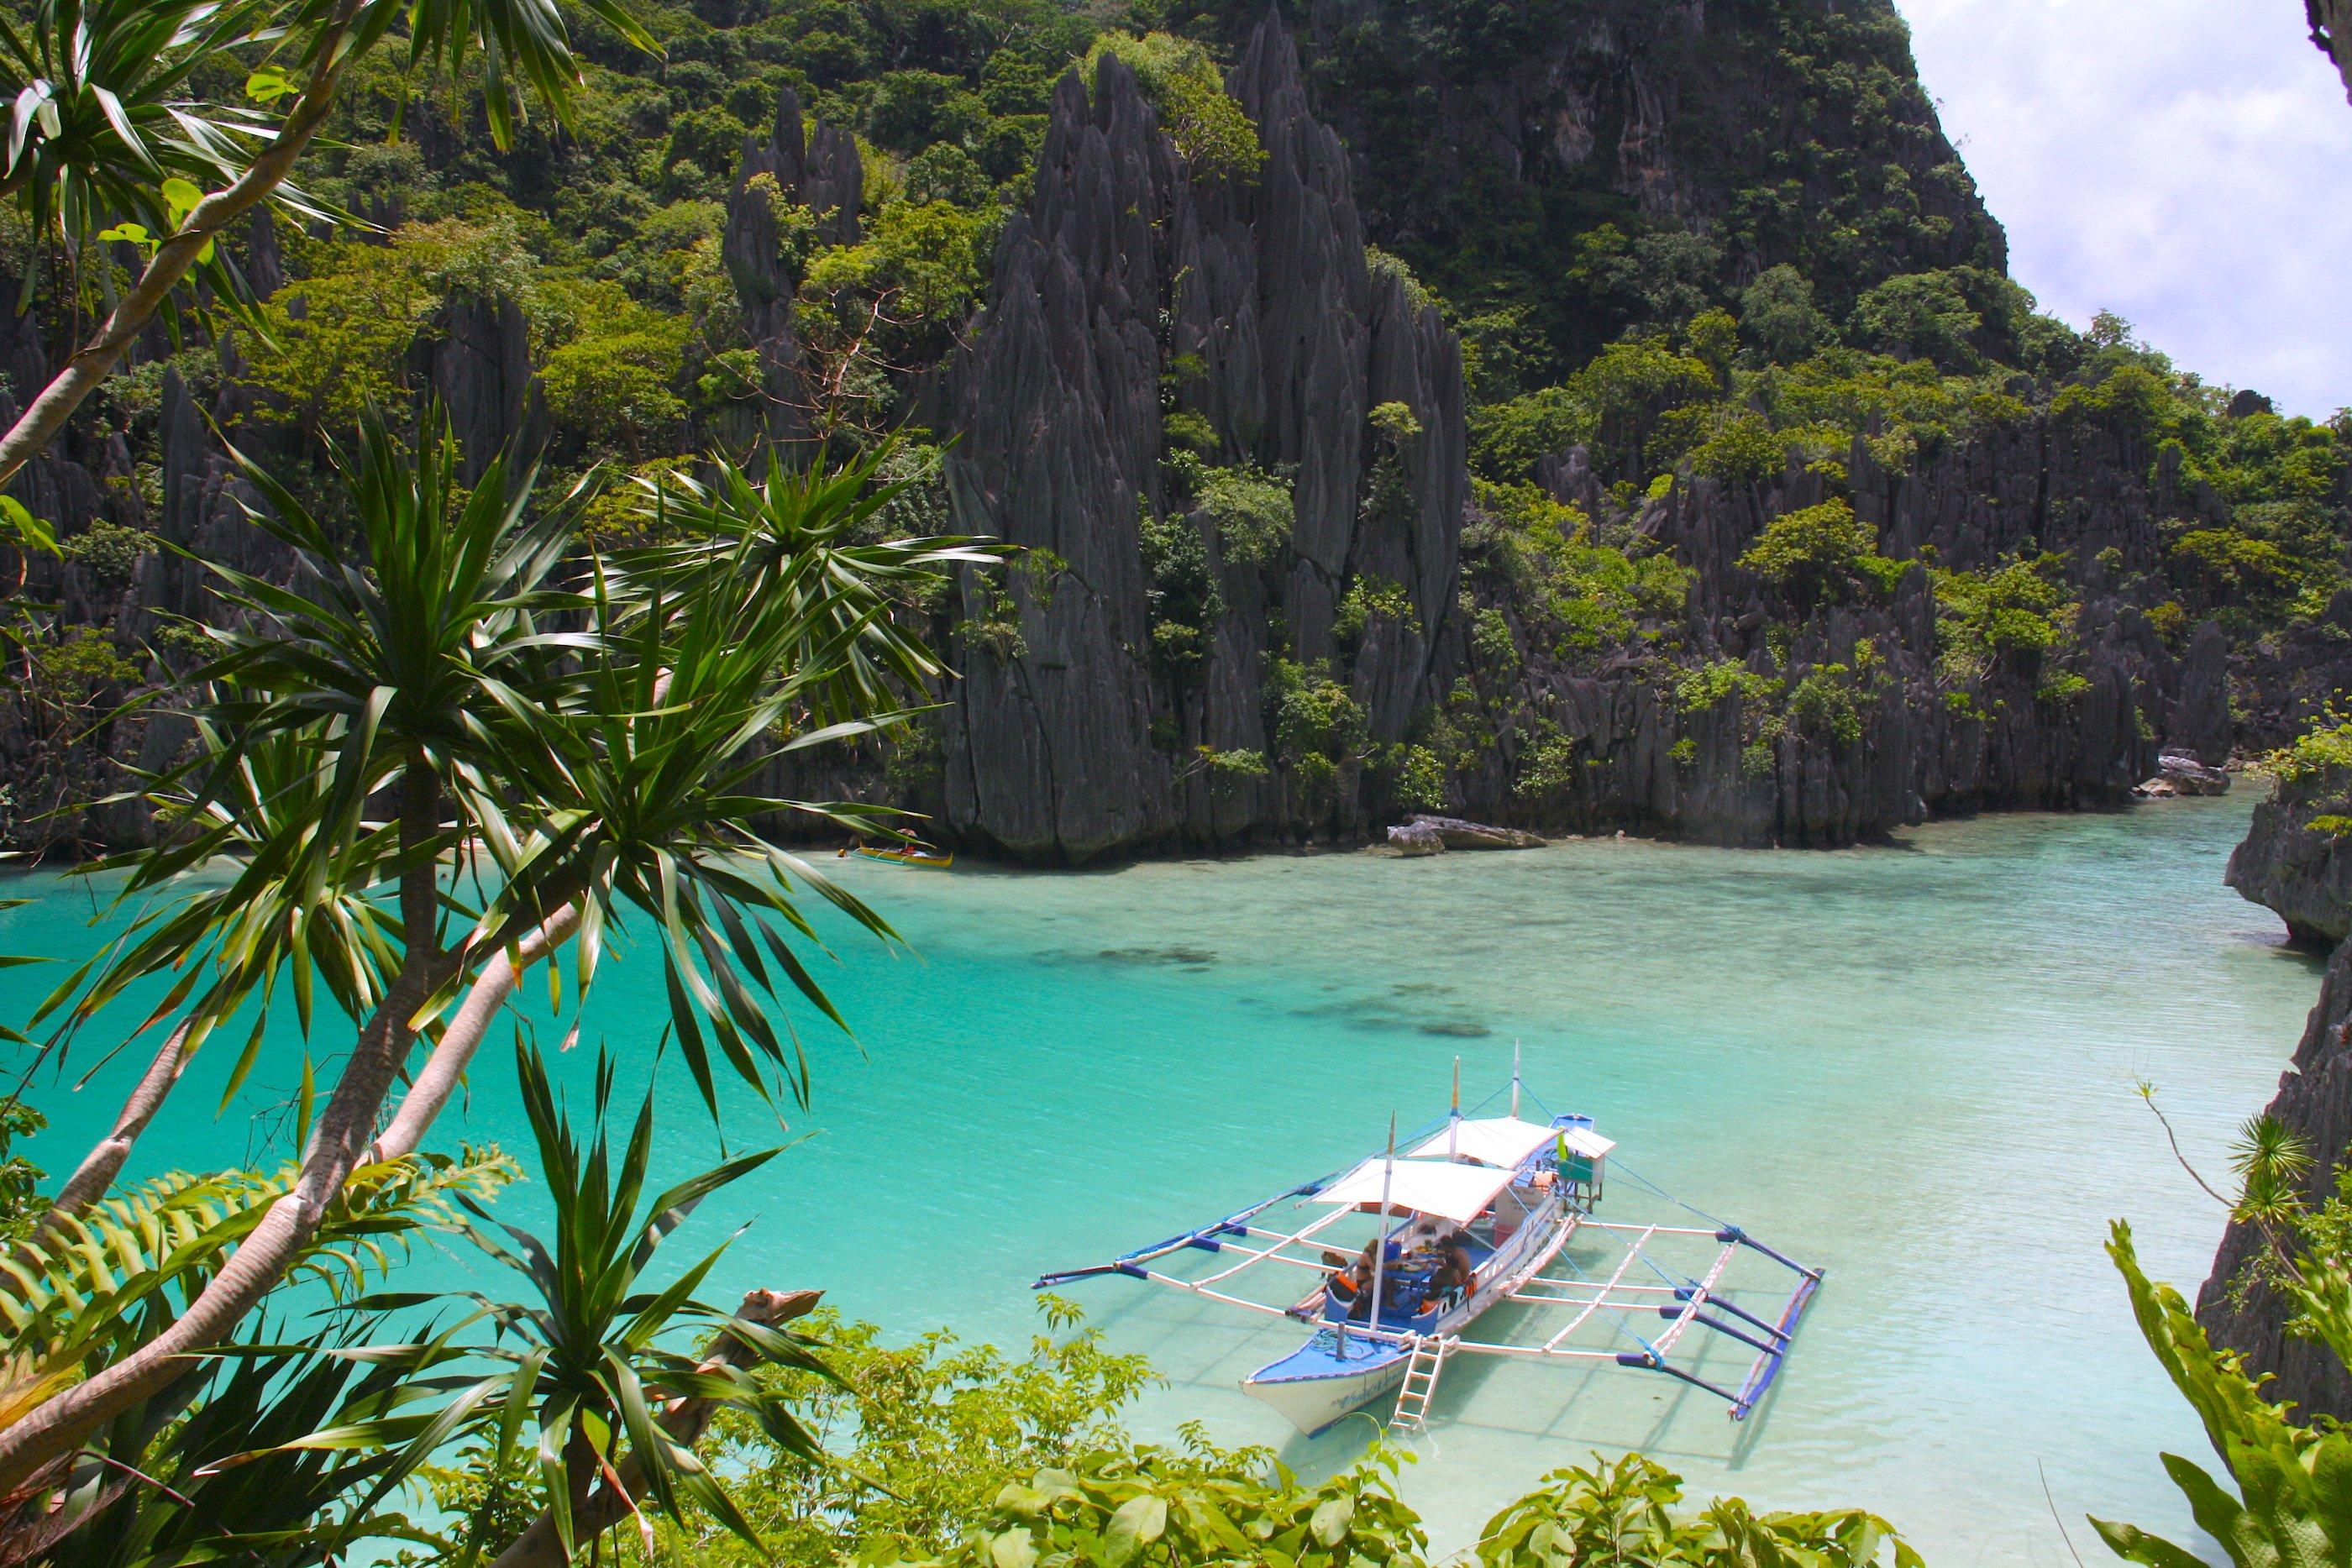 Escursione con barca privata nella laguna di Cadlao a El Nido, Palawan